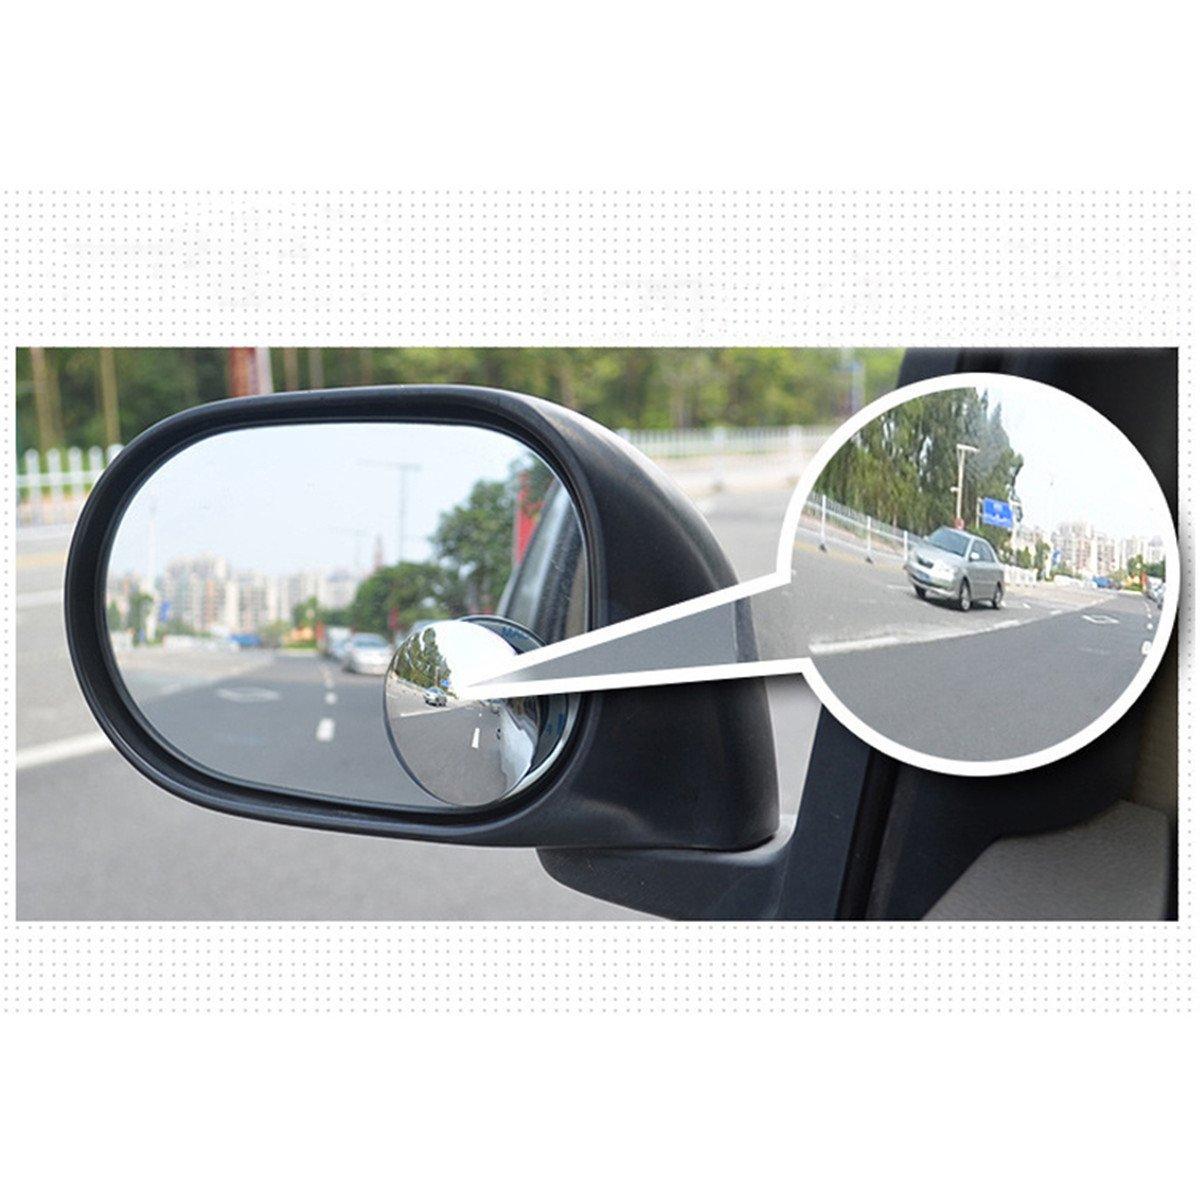 2 St/ück Auto Blind Punkt Spiegel Breit Winkel Rahmenlos Ultra D/ünn Klebrig Universal Runden Spiegel